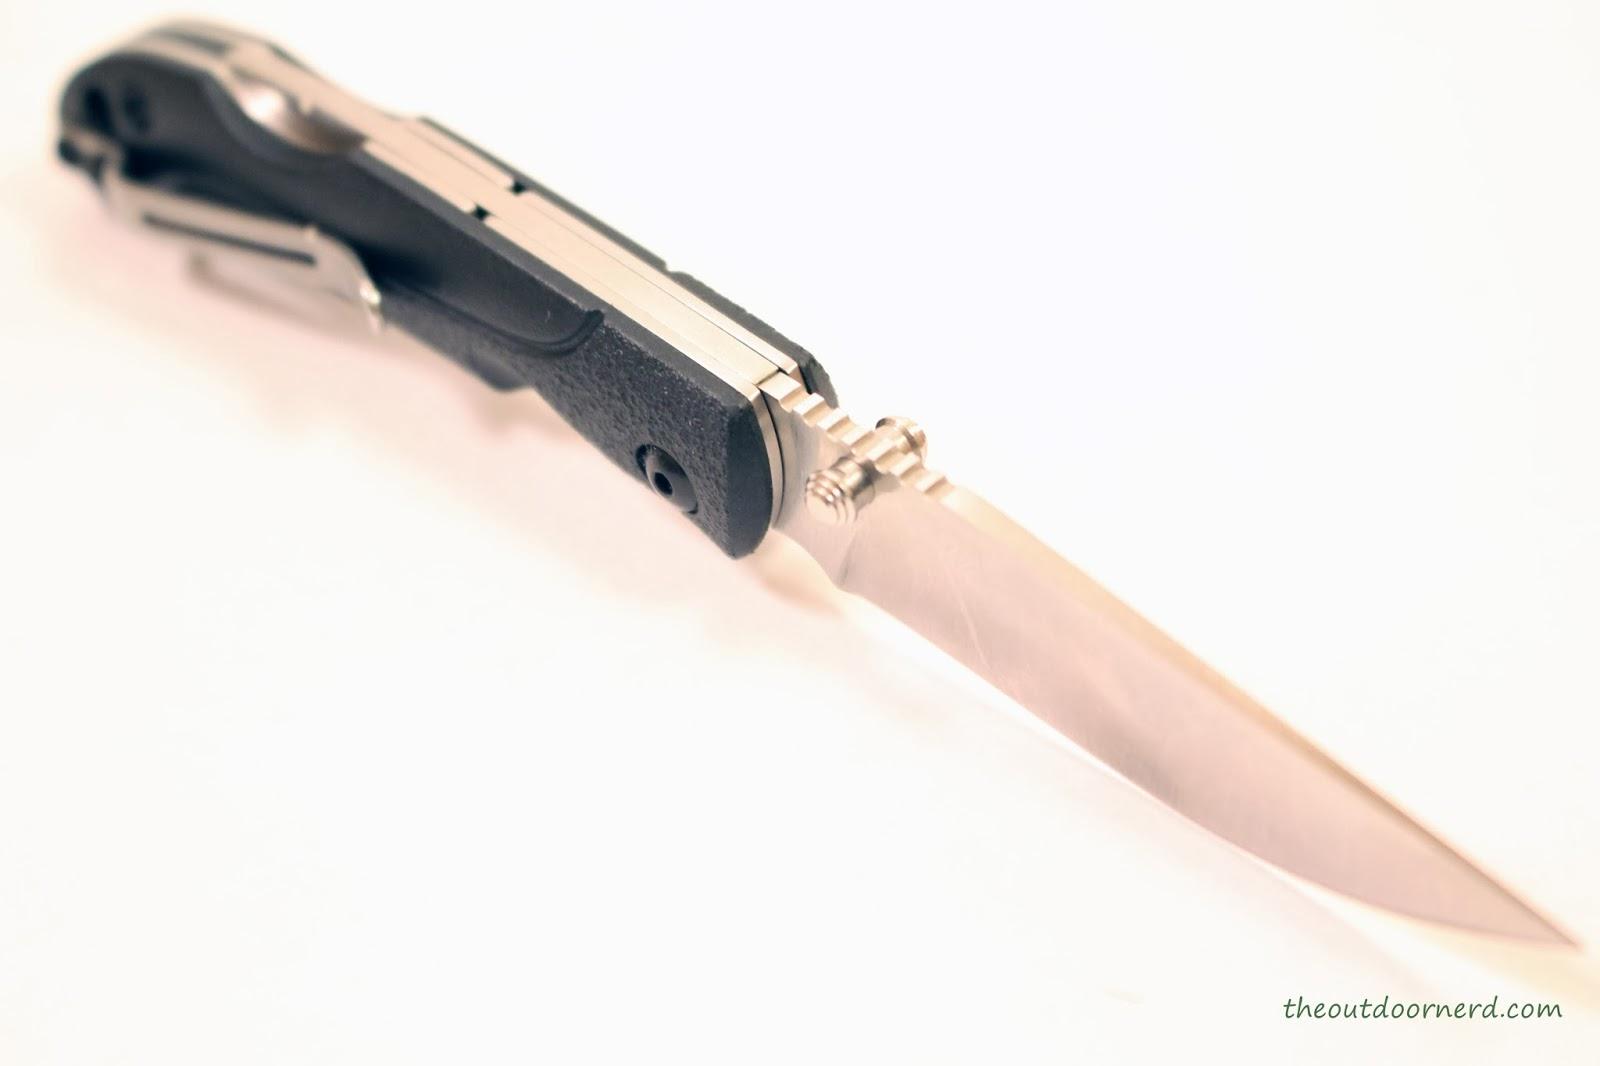 SanRenMu ZB-681 Pocket Knife - Facing Blade